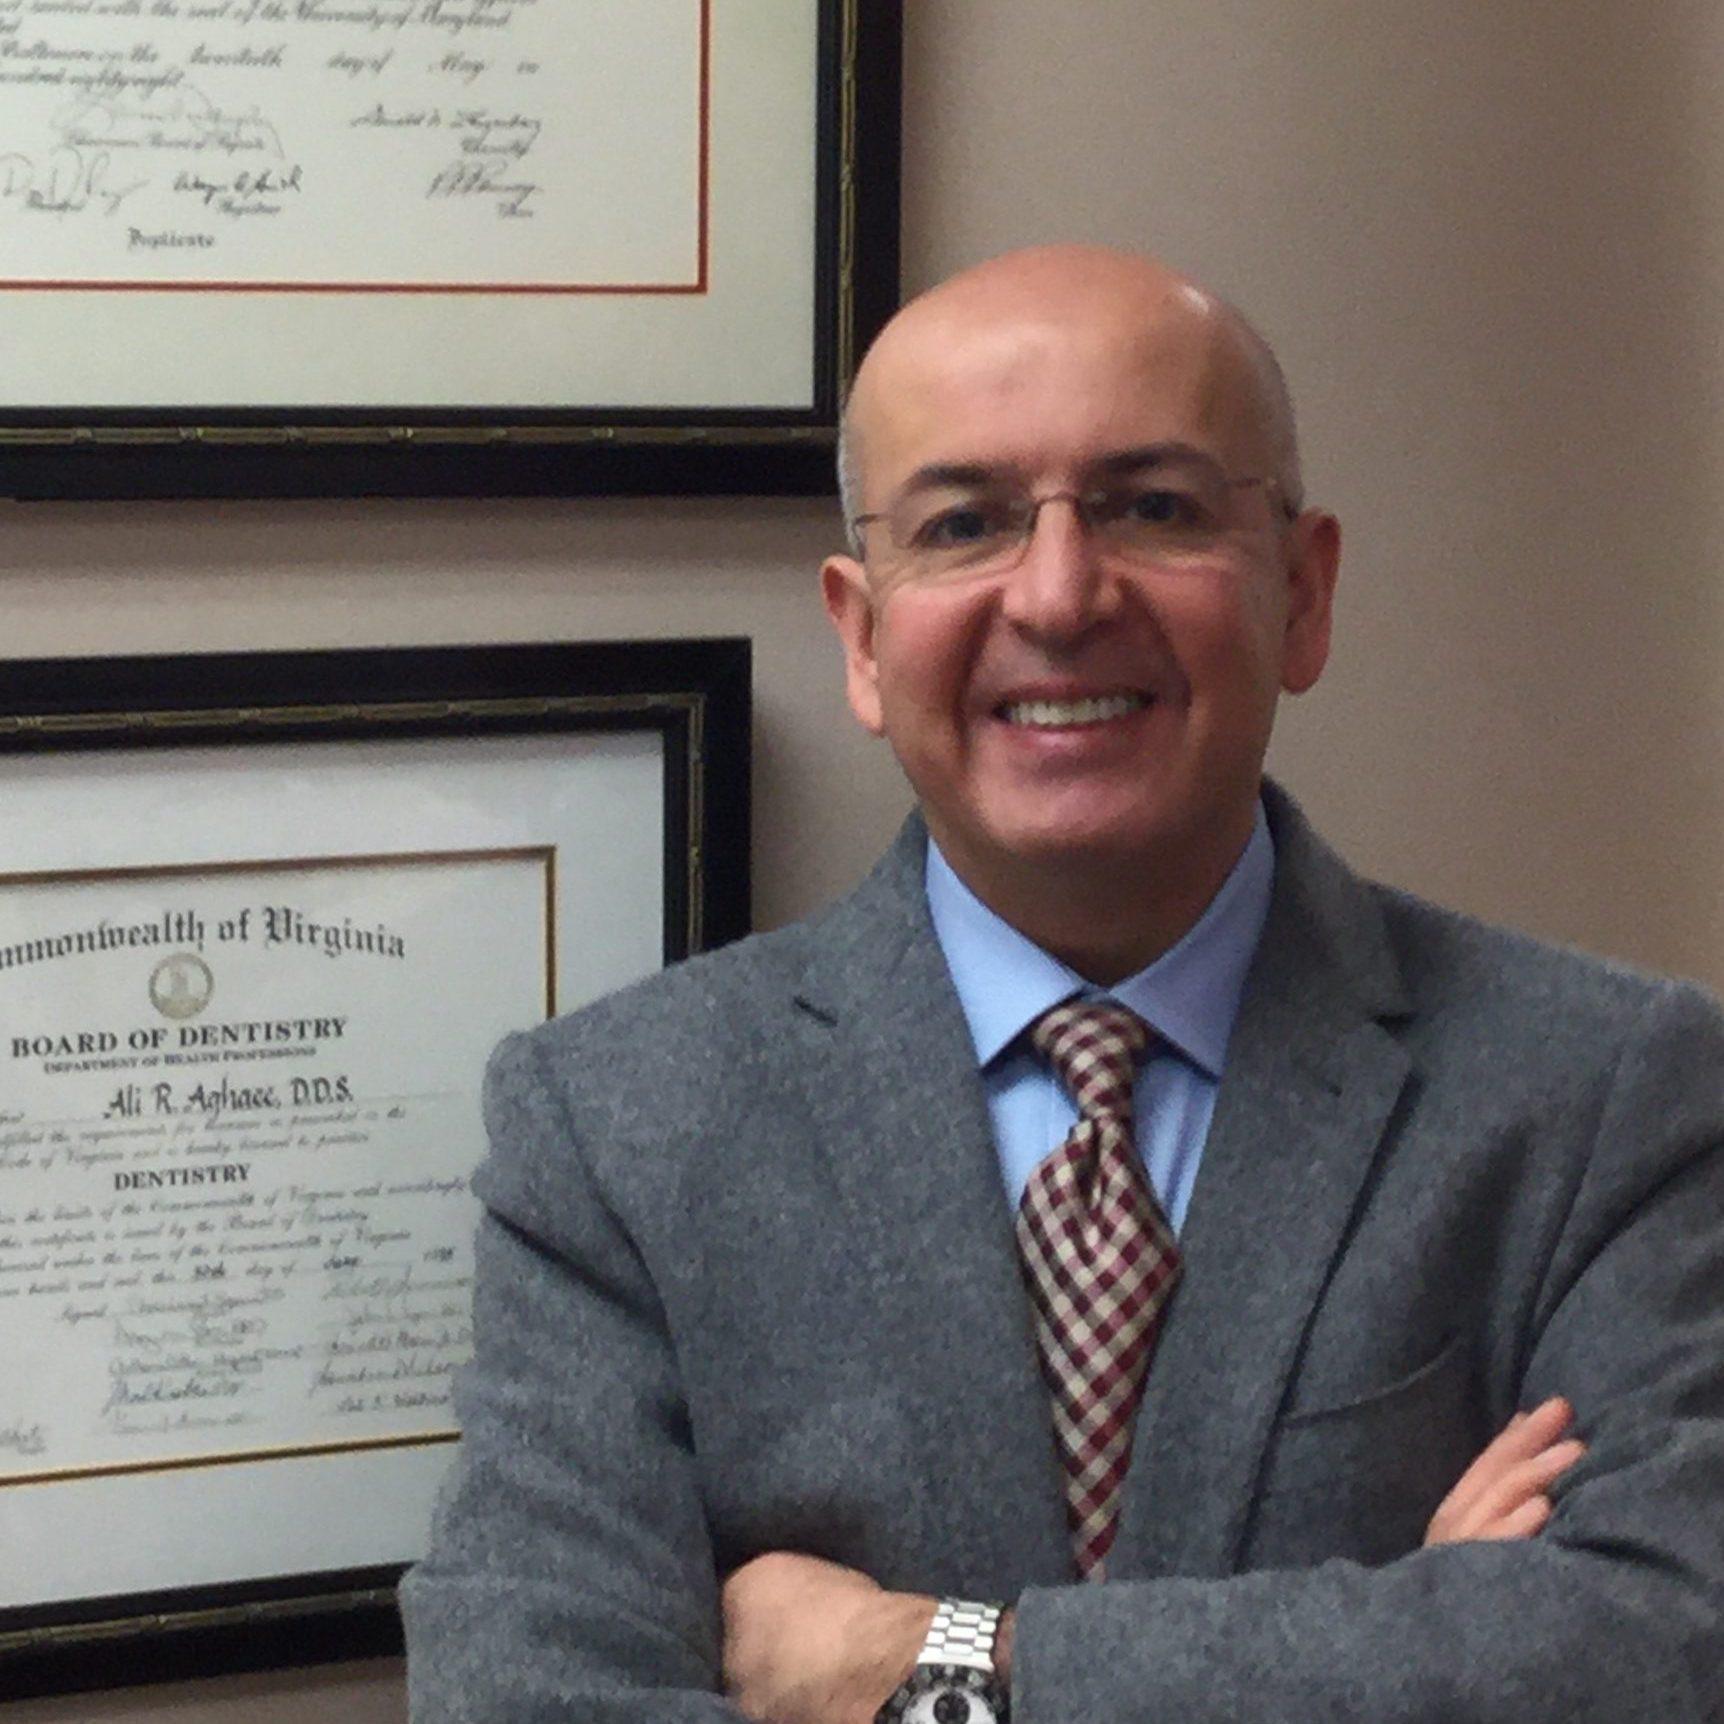 Dr. Ali R. Aghaee